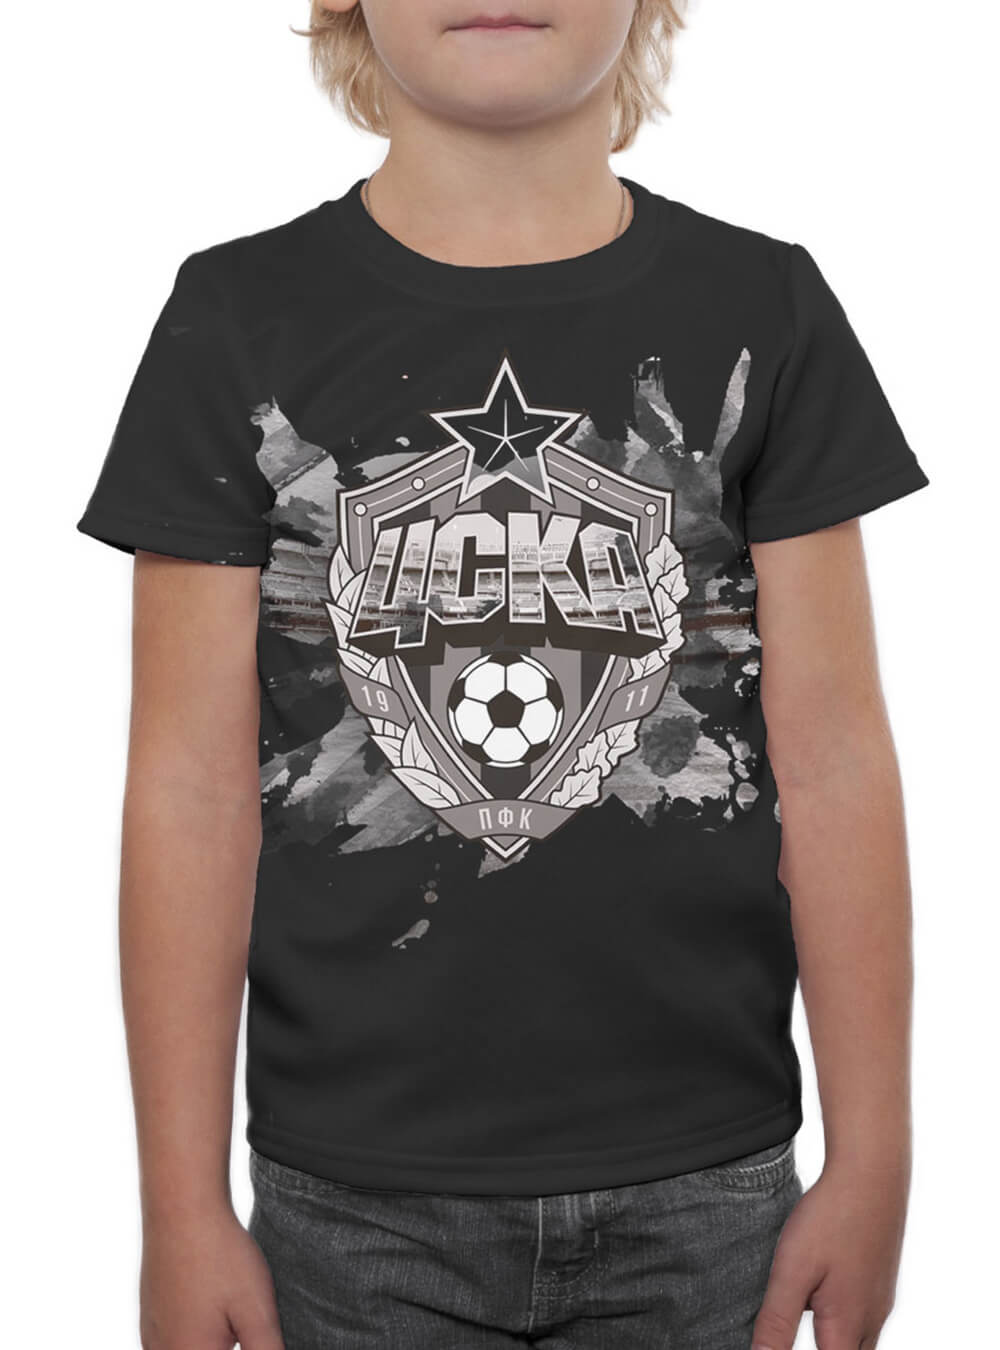 Купить Футболка детская «Эмблема», цвет чёрный (134) по Нижнему Новгороду